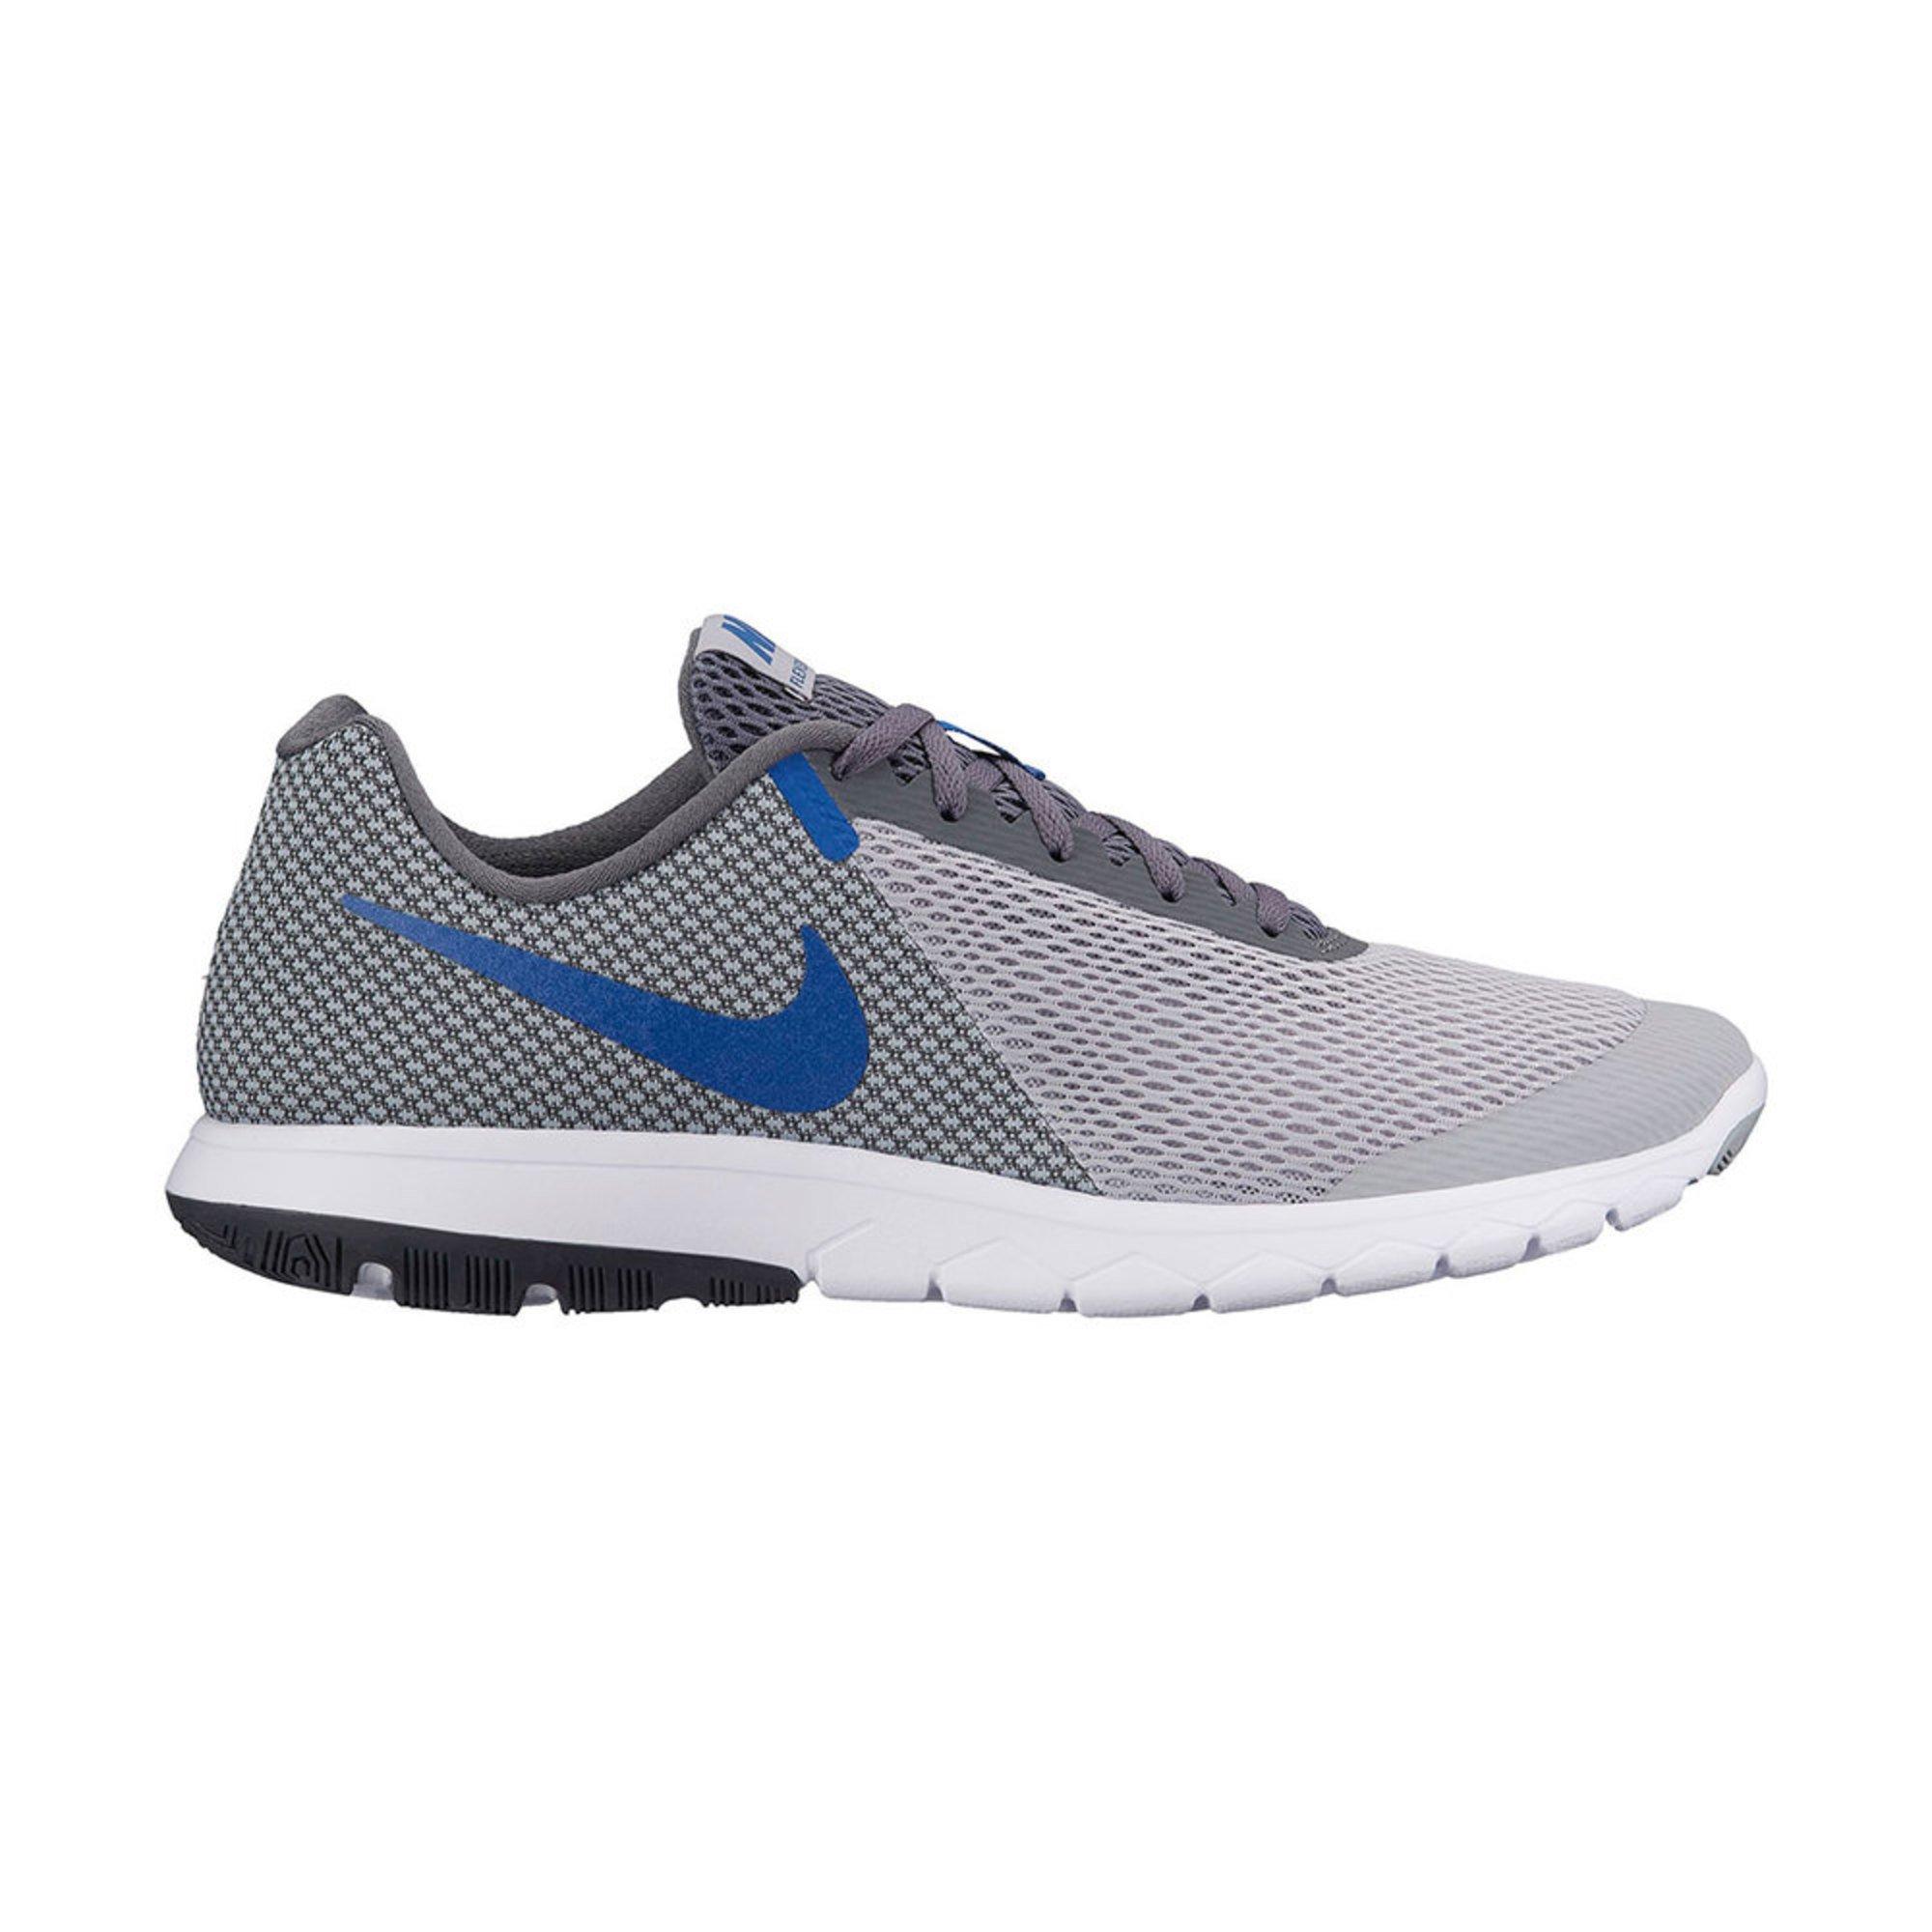 nike - flex esperienza rn 6 uomini lupo grigio / blu, scarpe da corsa.